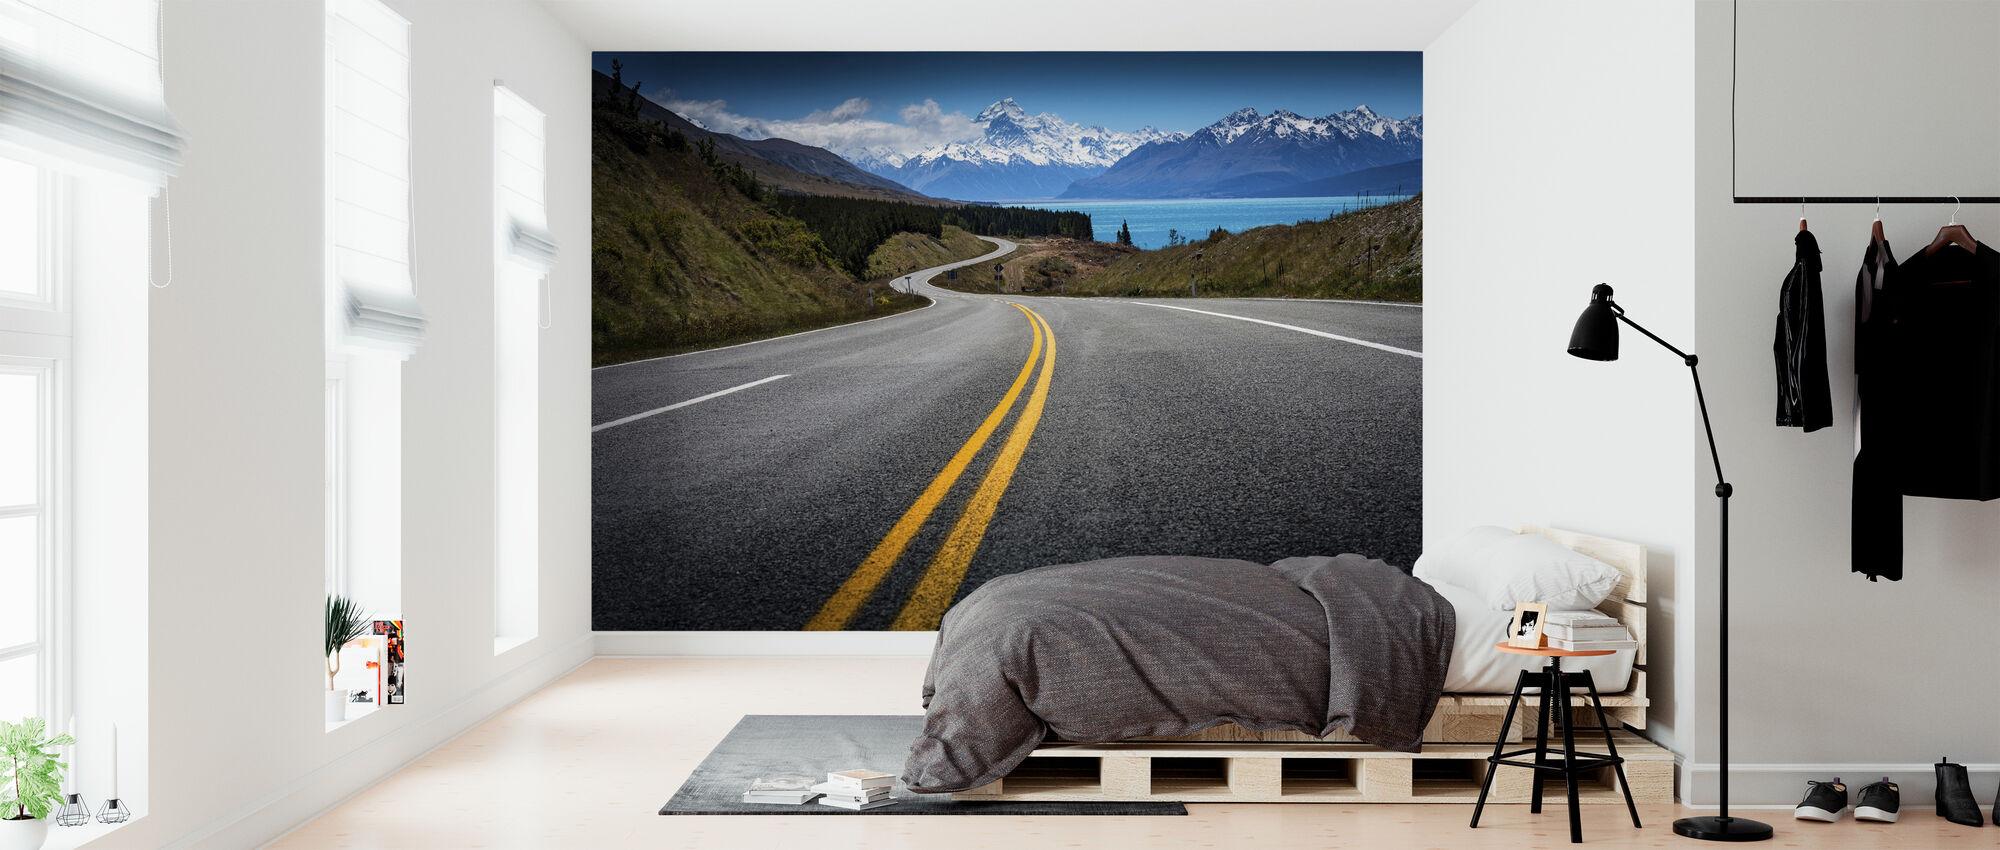 Road to Mount Cook - Wallpaper - Bedroom